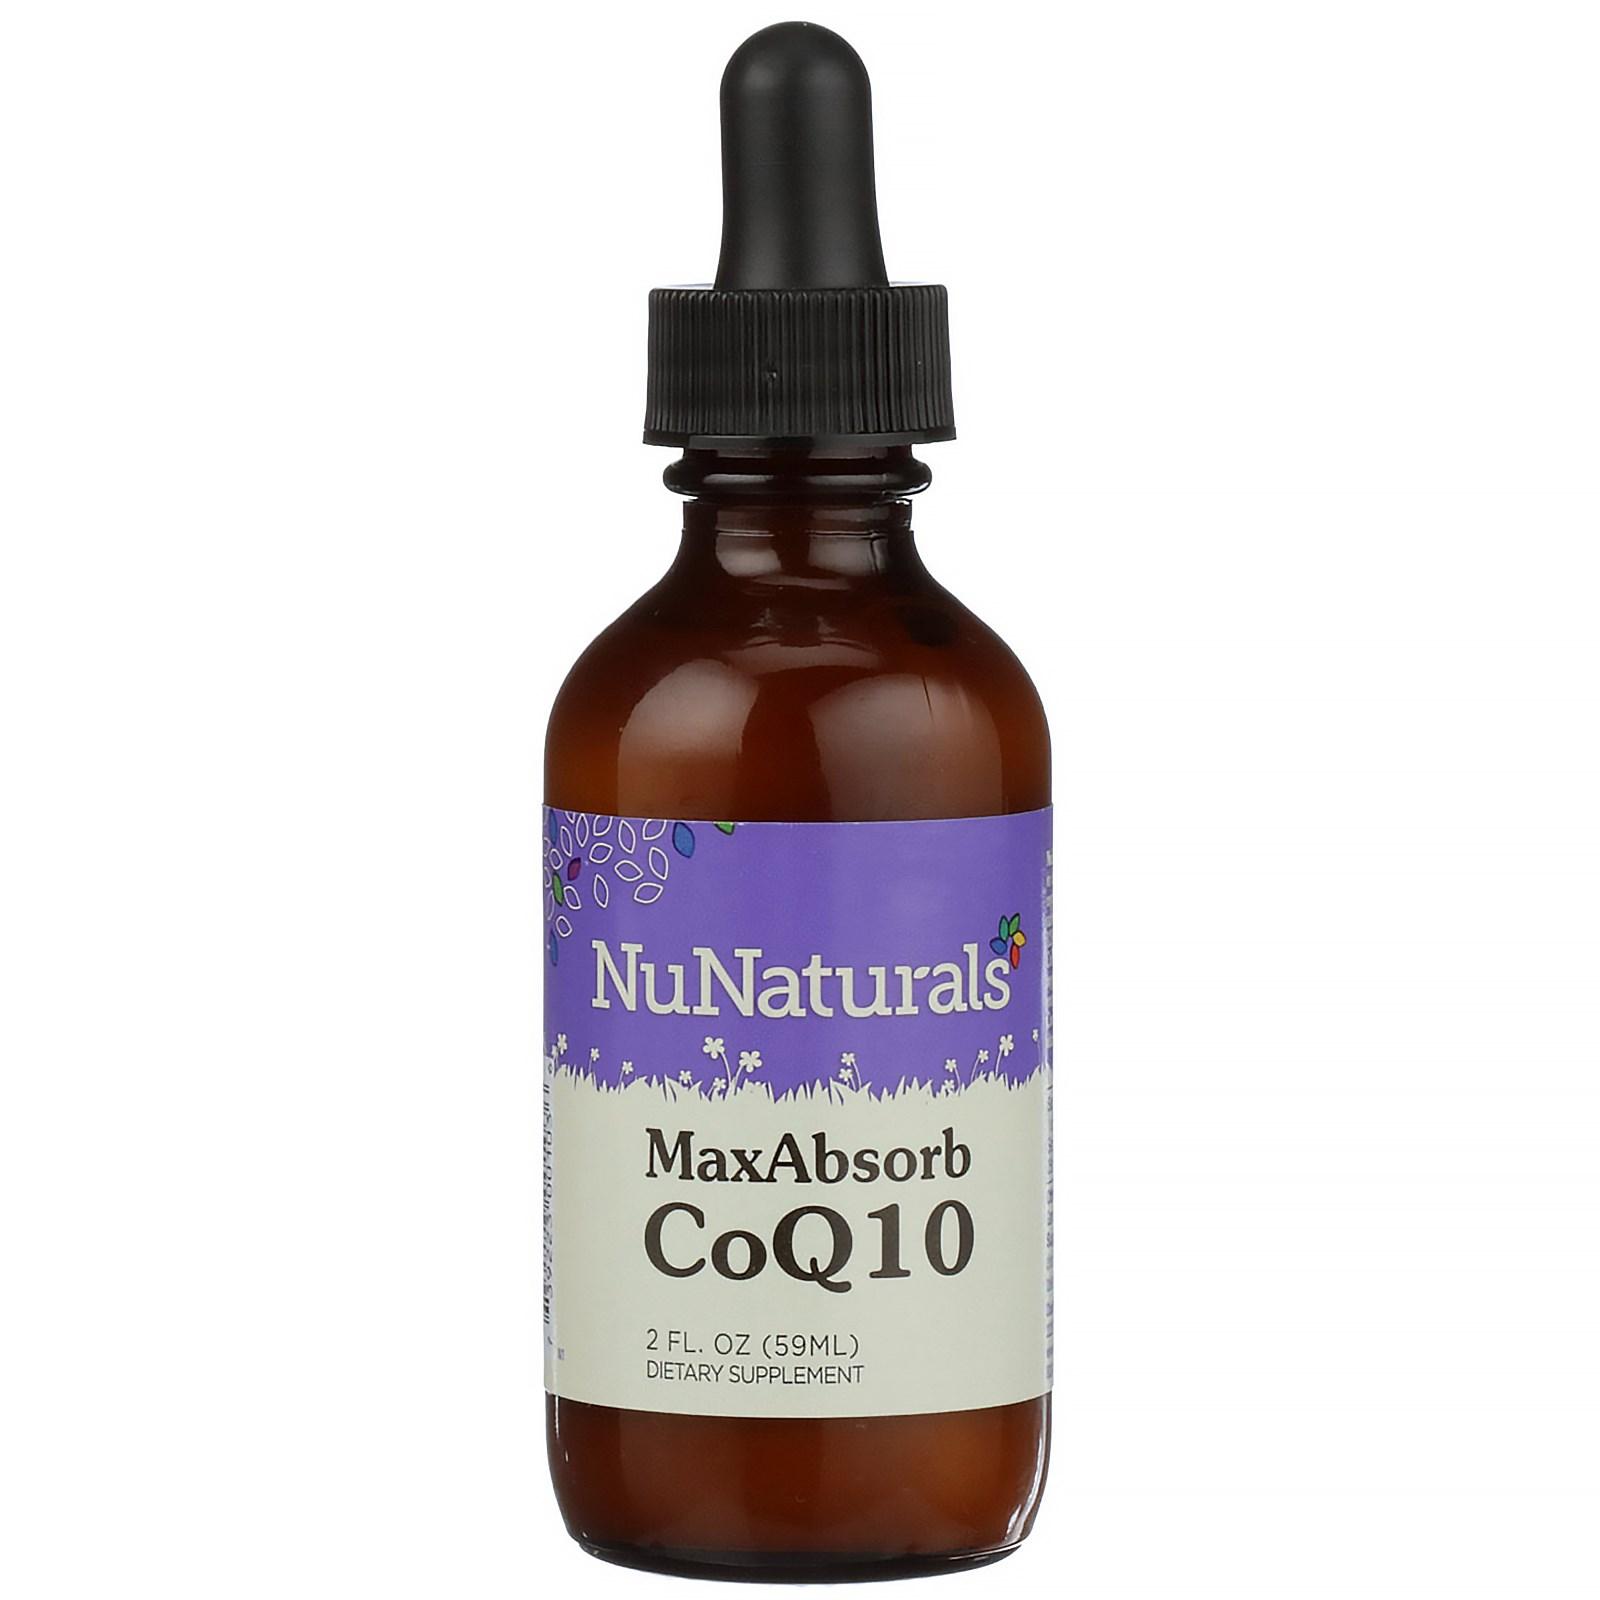 NuNaturals, CoQ10 максимальная абсорбция 2 жидких унции (59 мл)